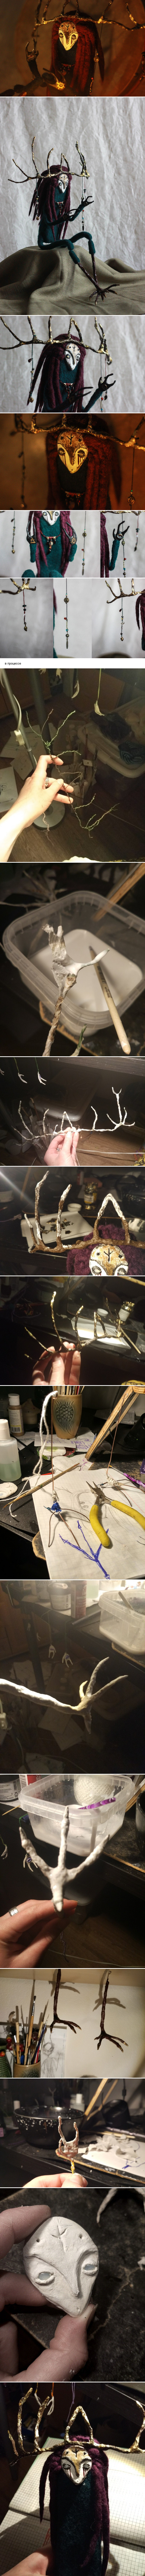 Птичий шаман. Кукла ручной работы Кукла, шаман, ручная работа, творчество, хобби, сухое валяние, рукоделие, рукоделие с процессом, длиннопост